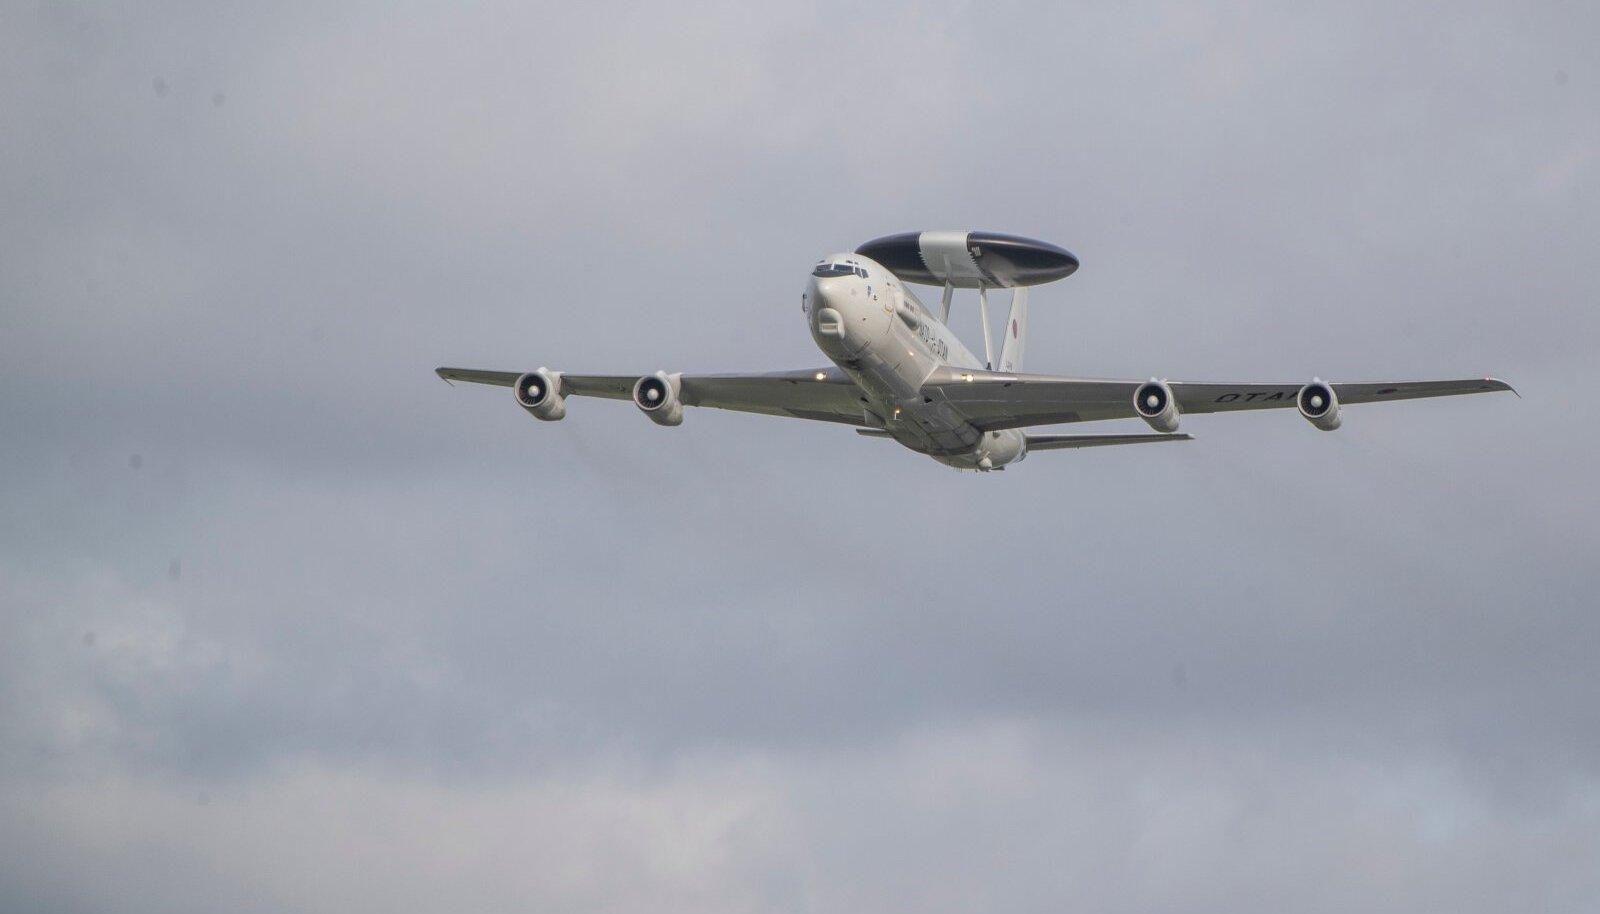 AWACS lennuk Tallinnale lähenemas 22.09.2020